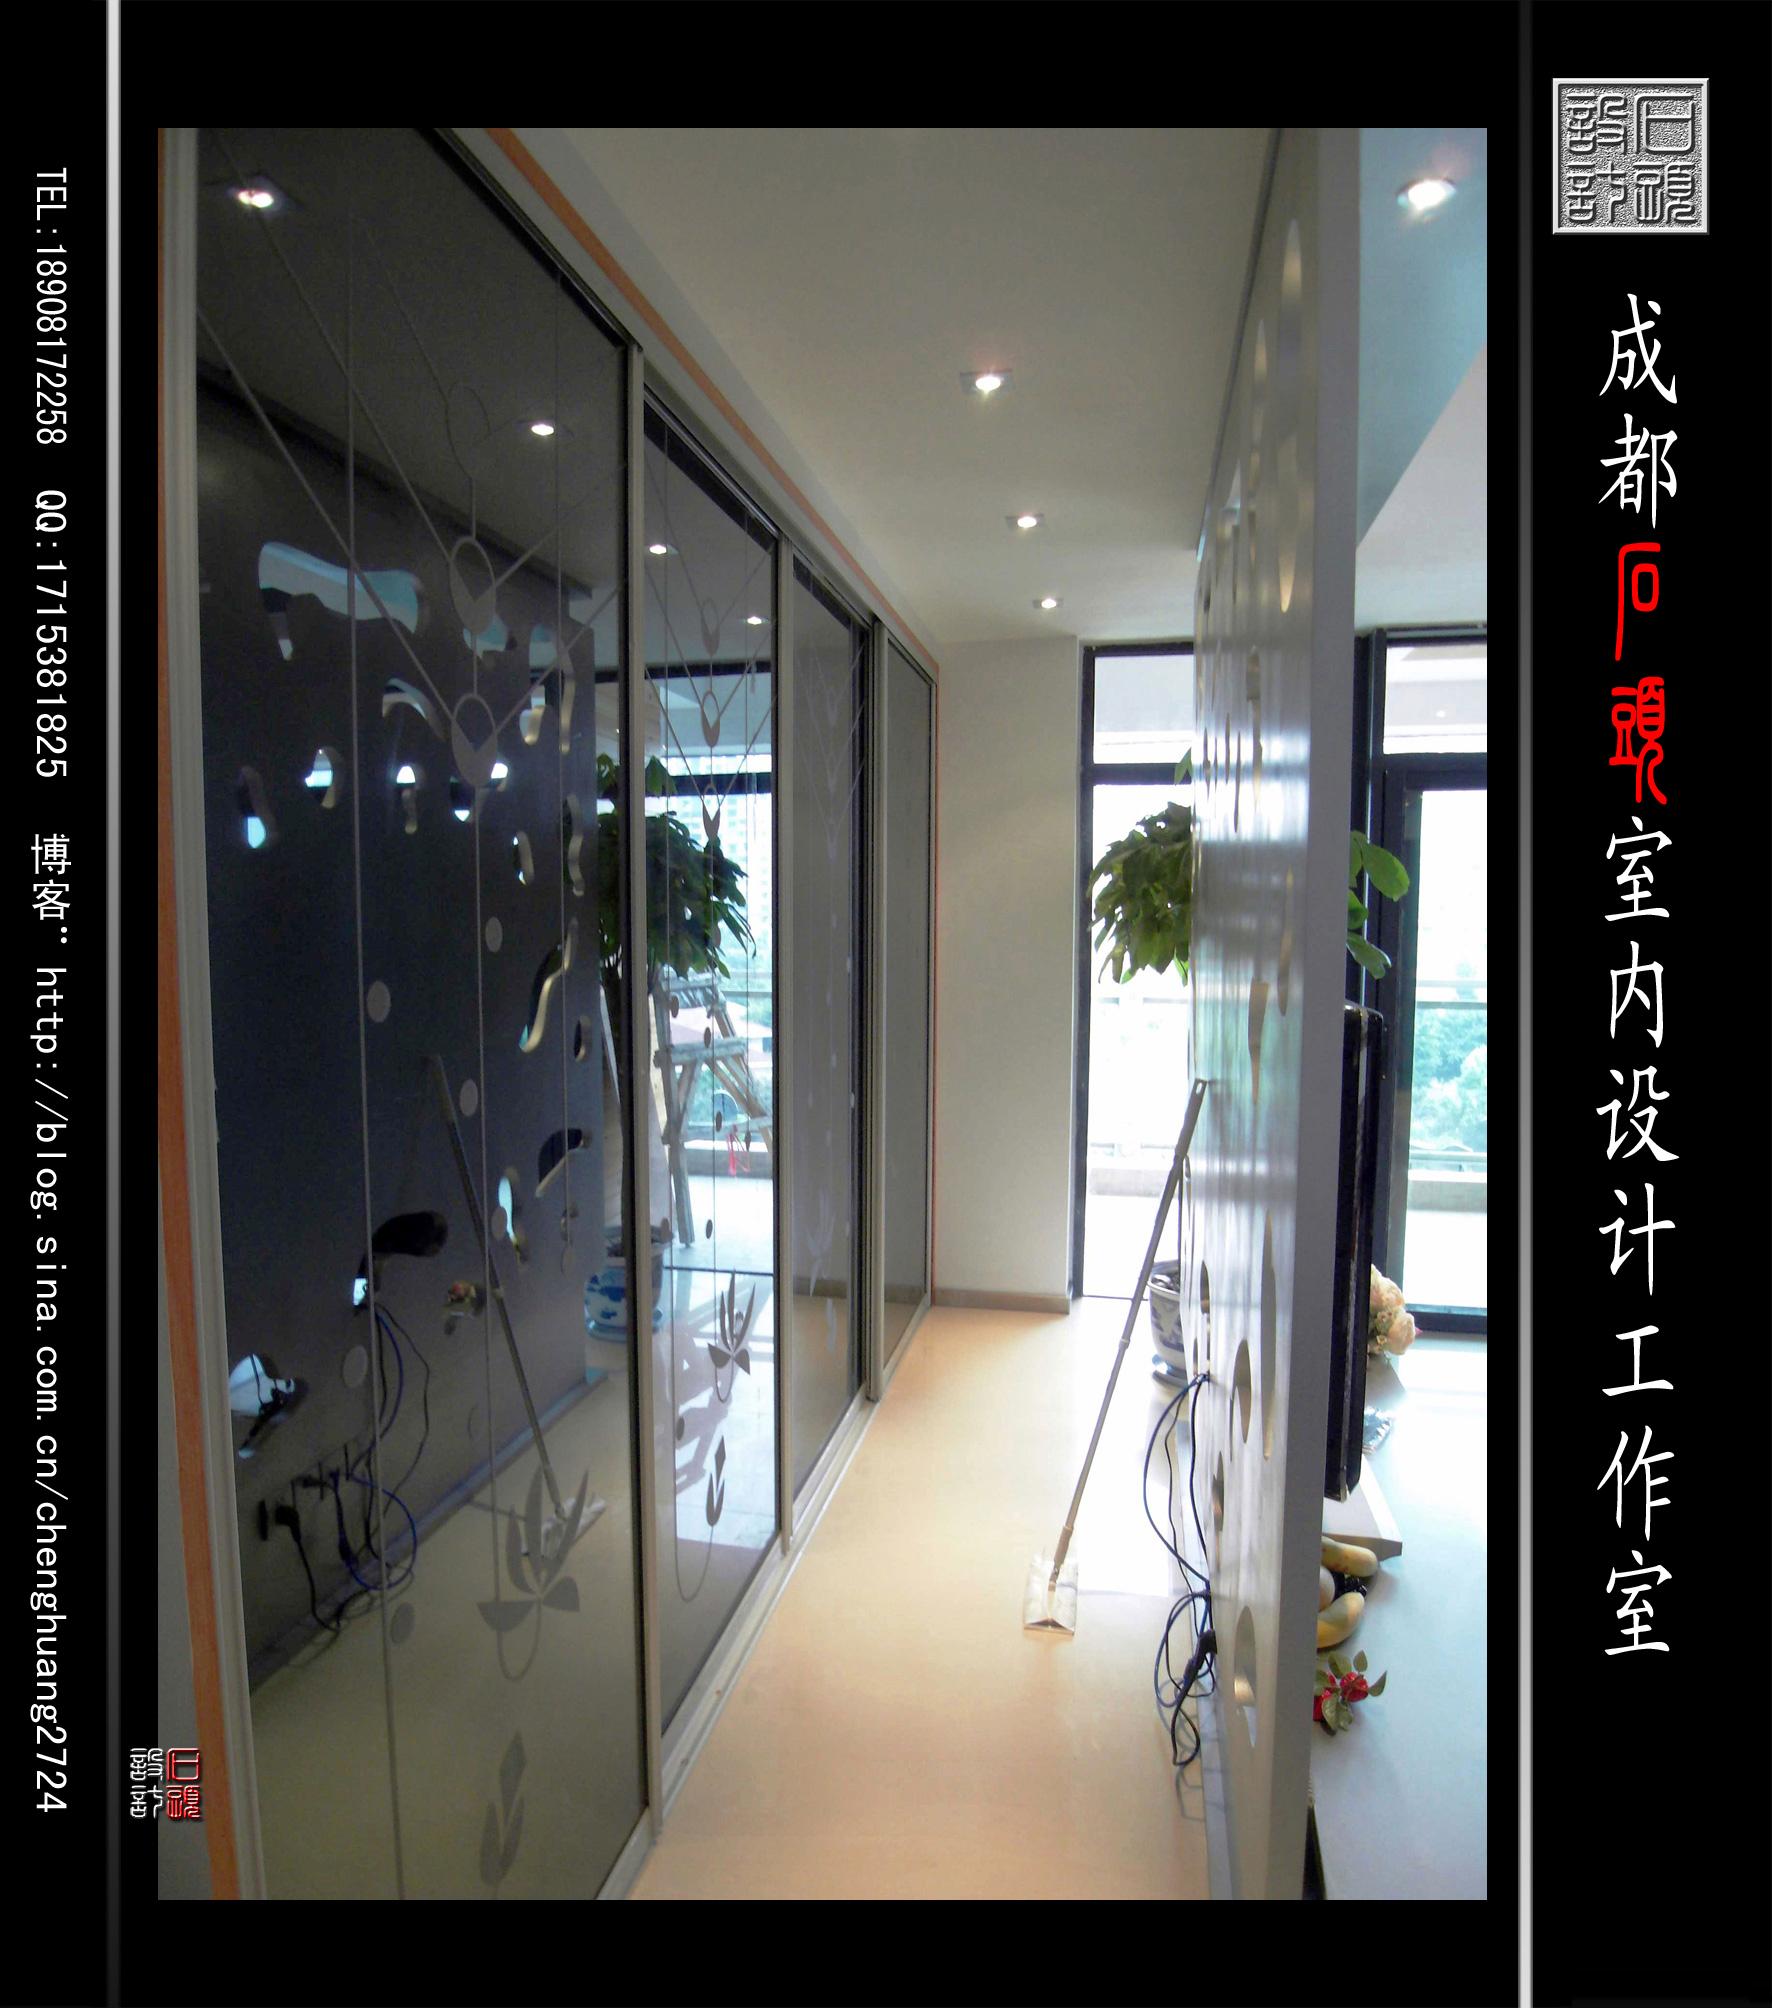 装饰设计 家装设计 家居 家装 装修 客厅图片来自成都石头室内设计家装设计工作室在首座的分享